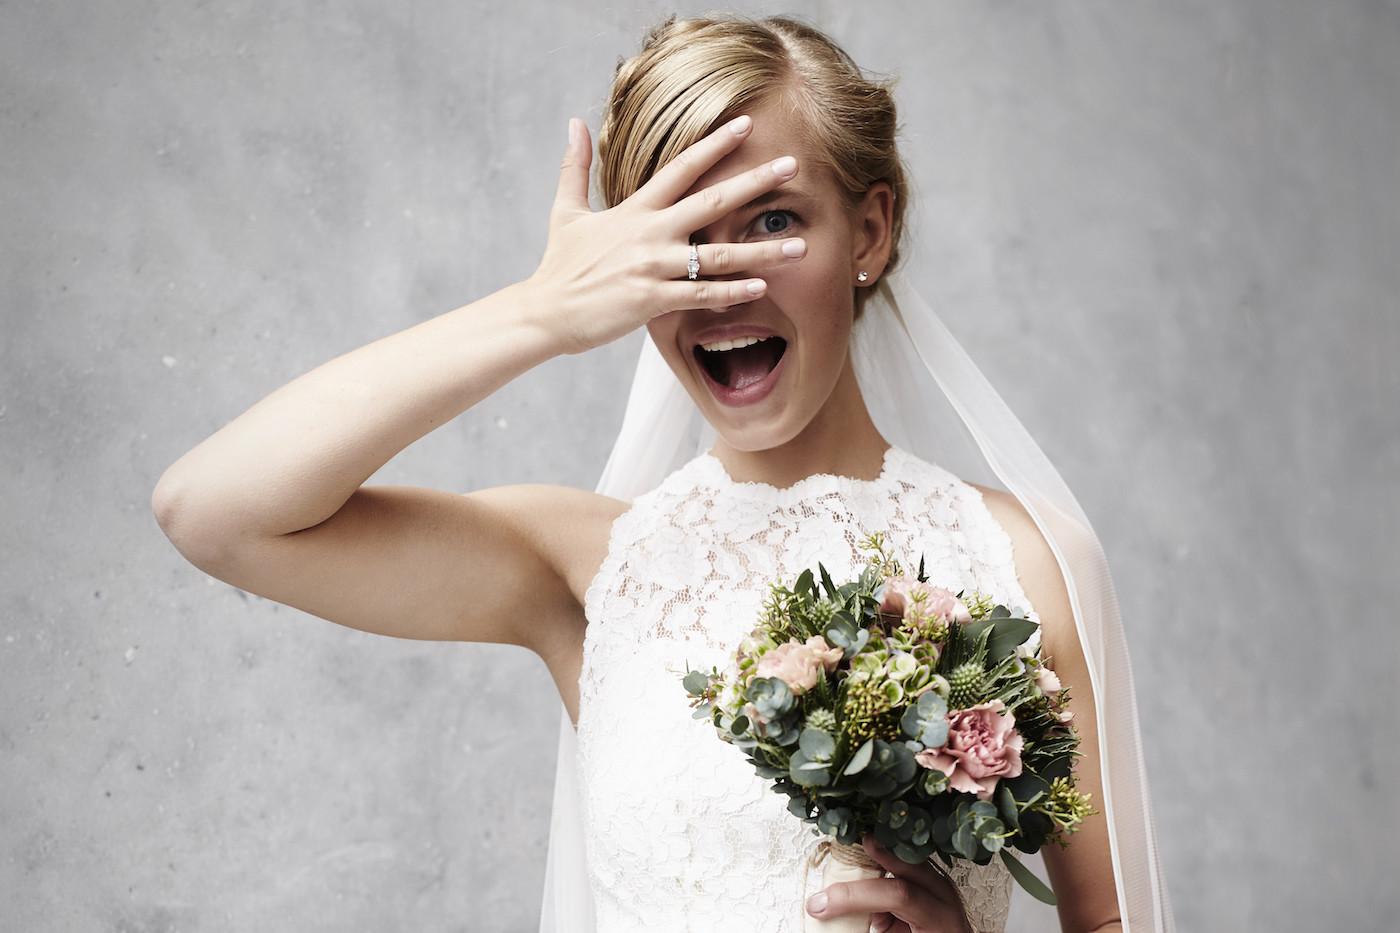 Brautentführung auf Hochzeit